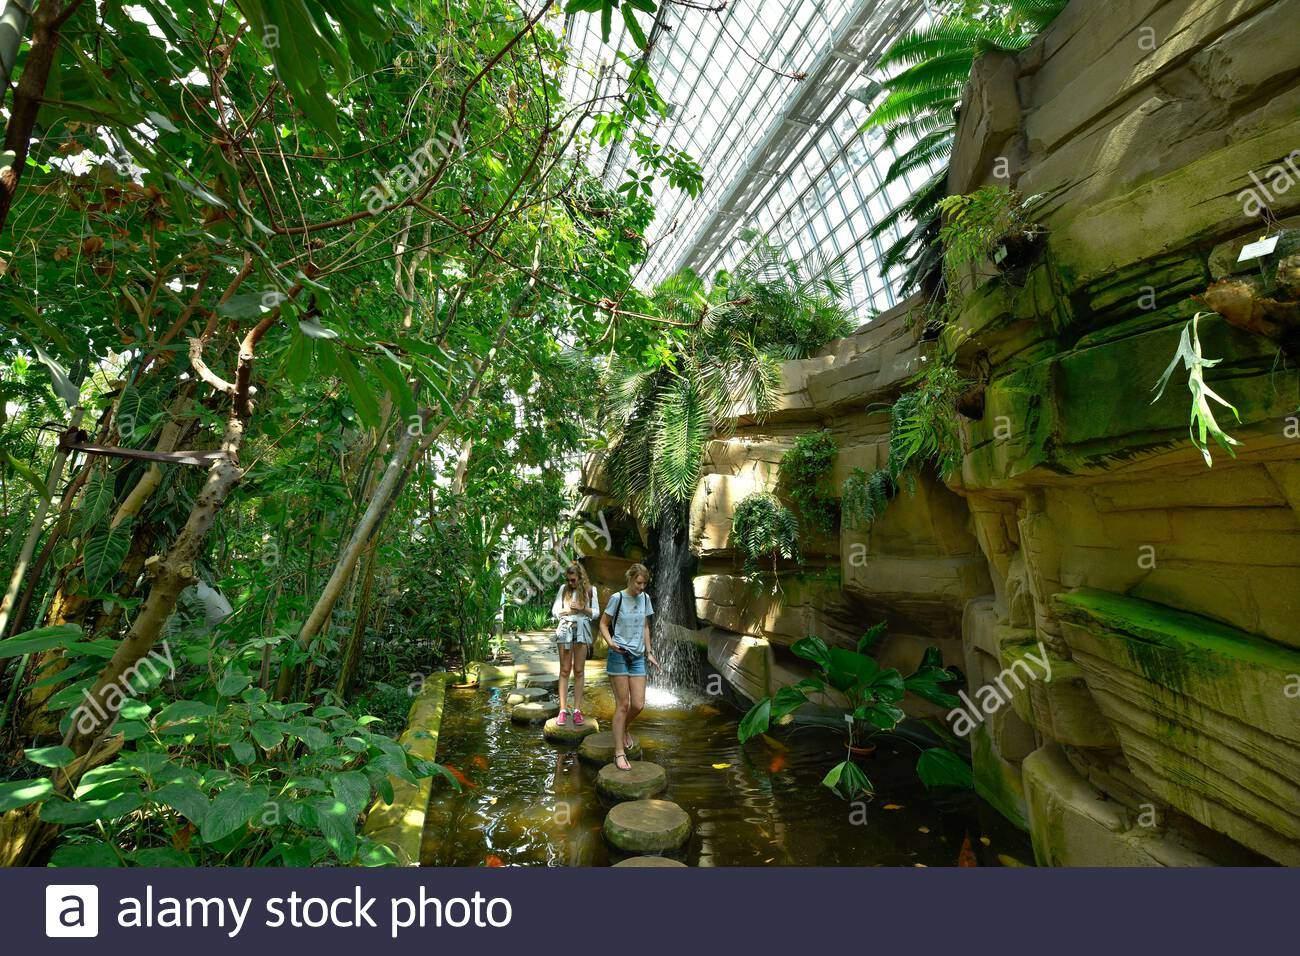 groes tropenhaus botanischer garten knigin luise strae lichterfelde steglitz zehlendorf berlin deutschland 2ADCP0C